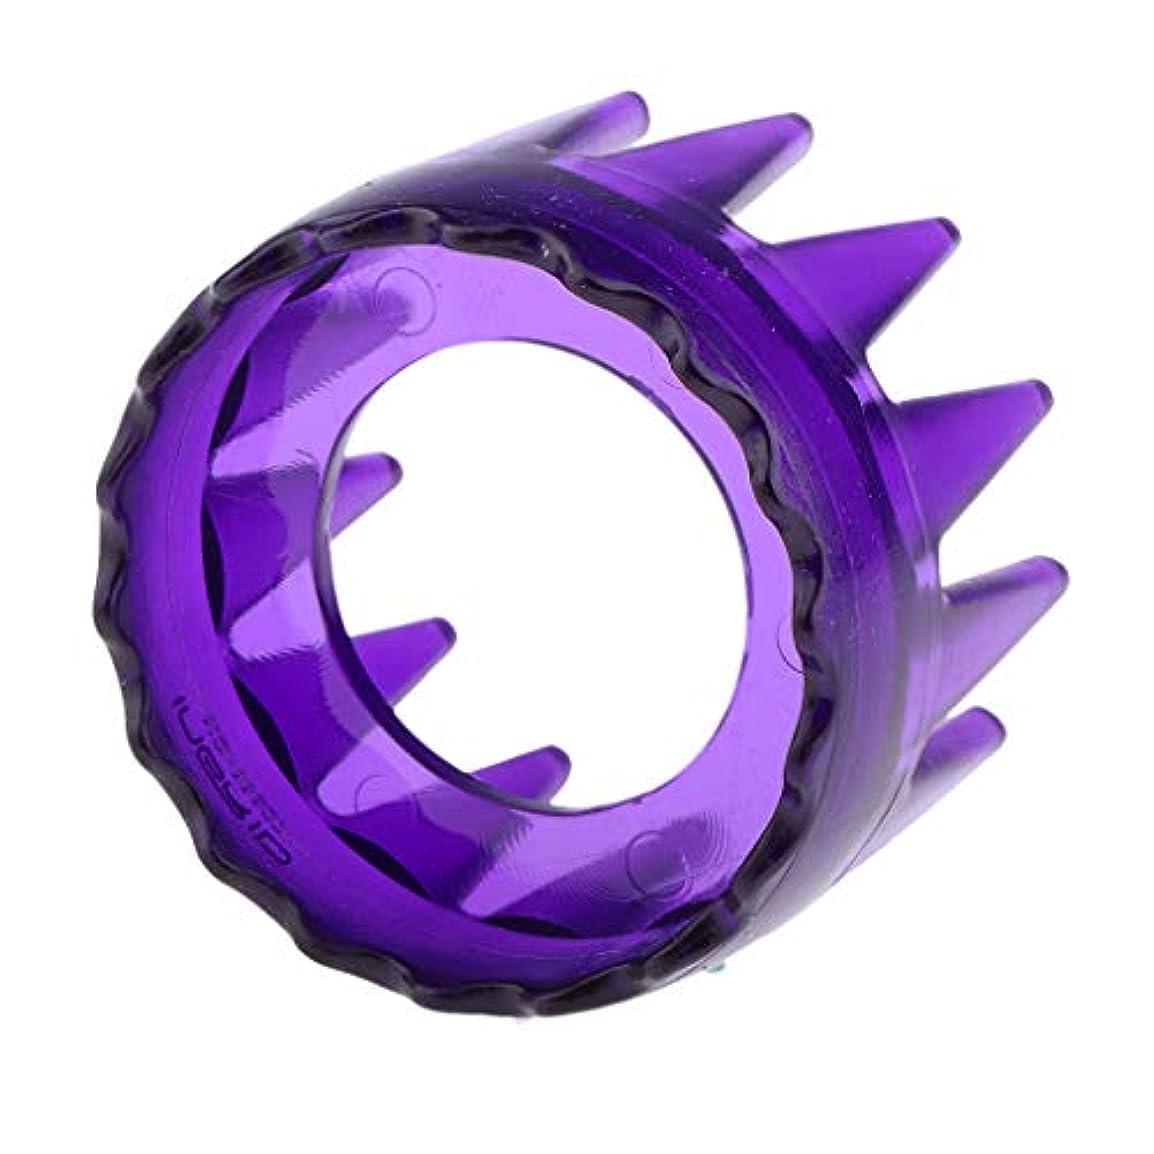 グローバル不純ごちそうシャンプーブラシ 洗髪櫛 マッサージャー ヘアコーム ヘアブラシ 滑り止め 快適 リラックス 全4色 - 紫